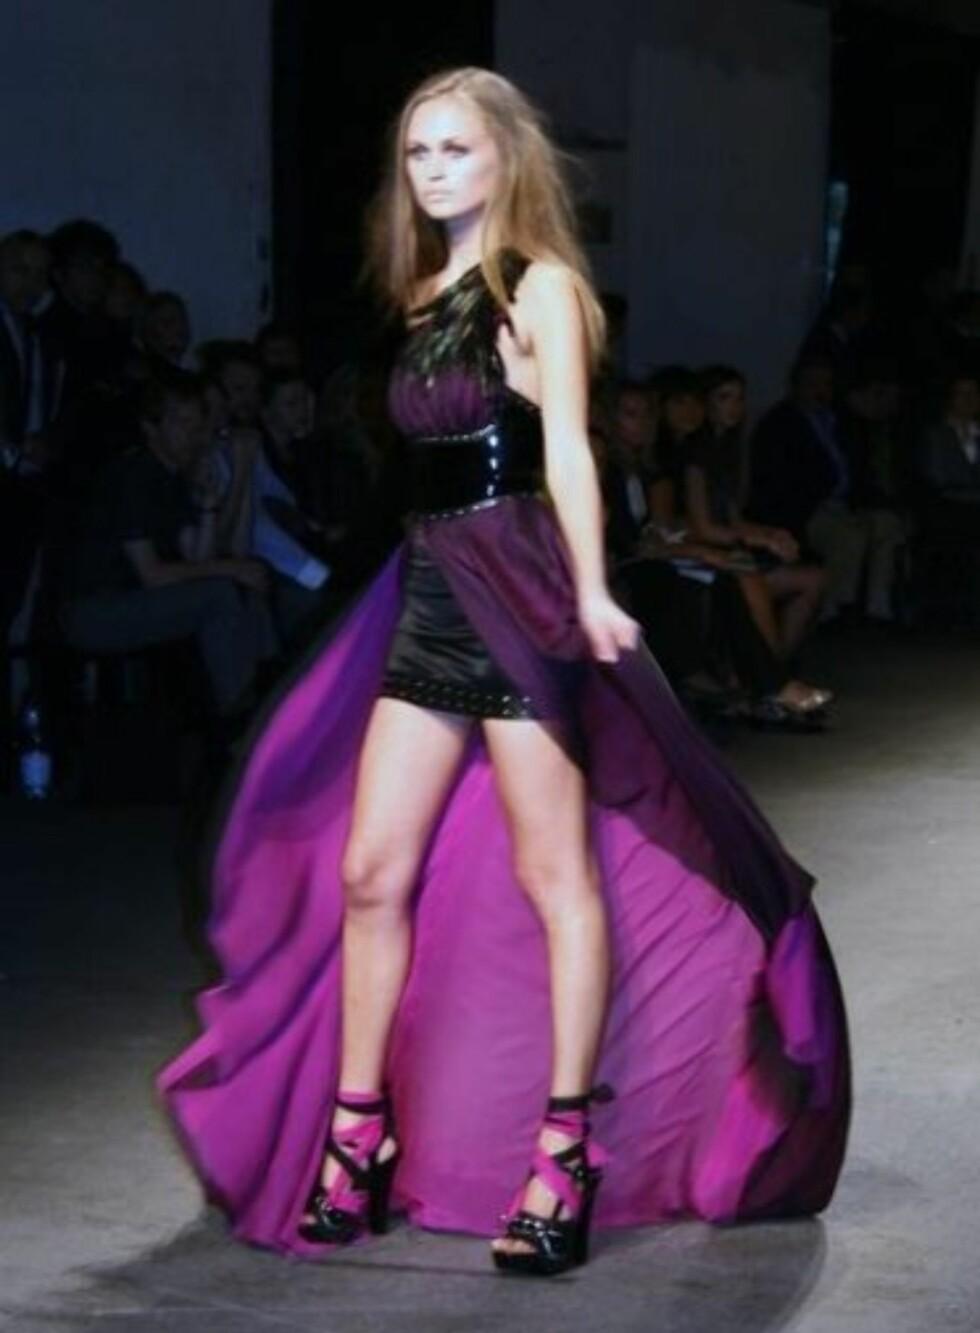 Den norske designeren Kristian Aadnevik har vist mange kjoler av denne typen. Her fra vår-sommerkolleksjonen 2009.